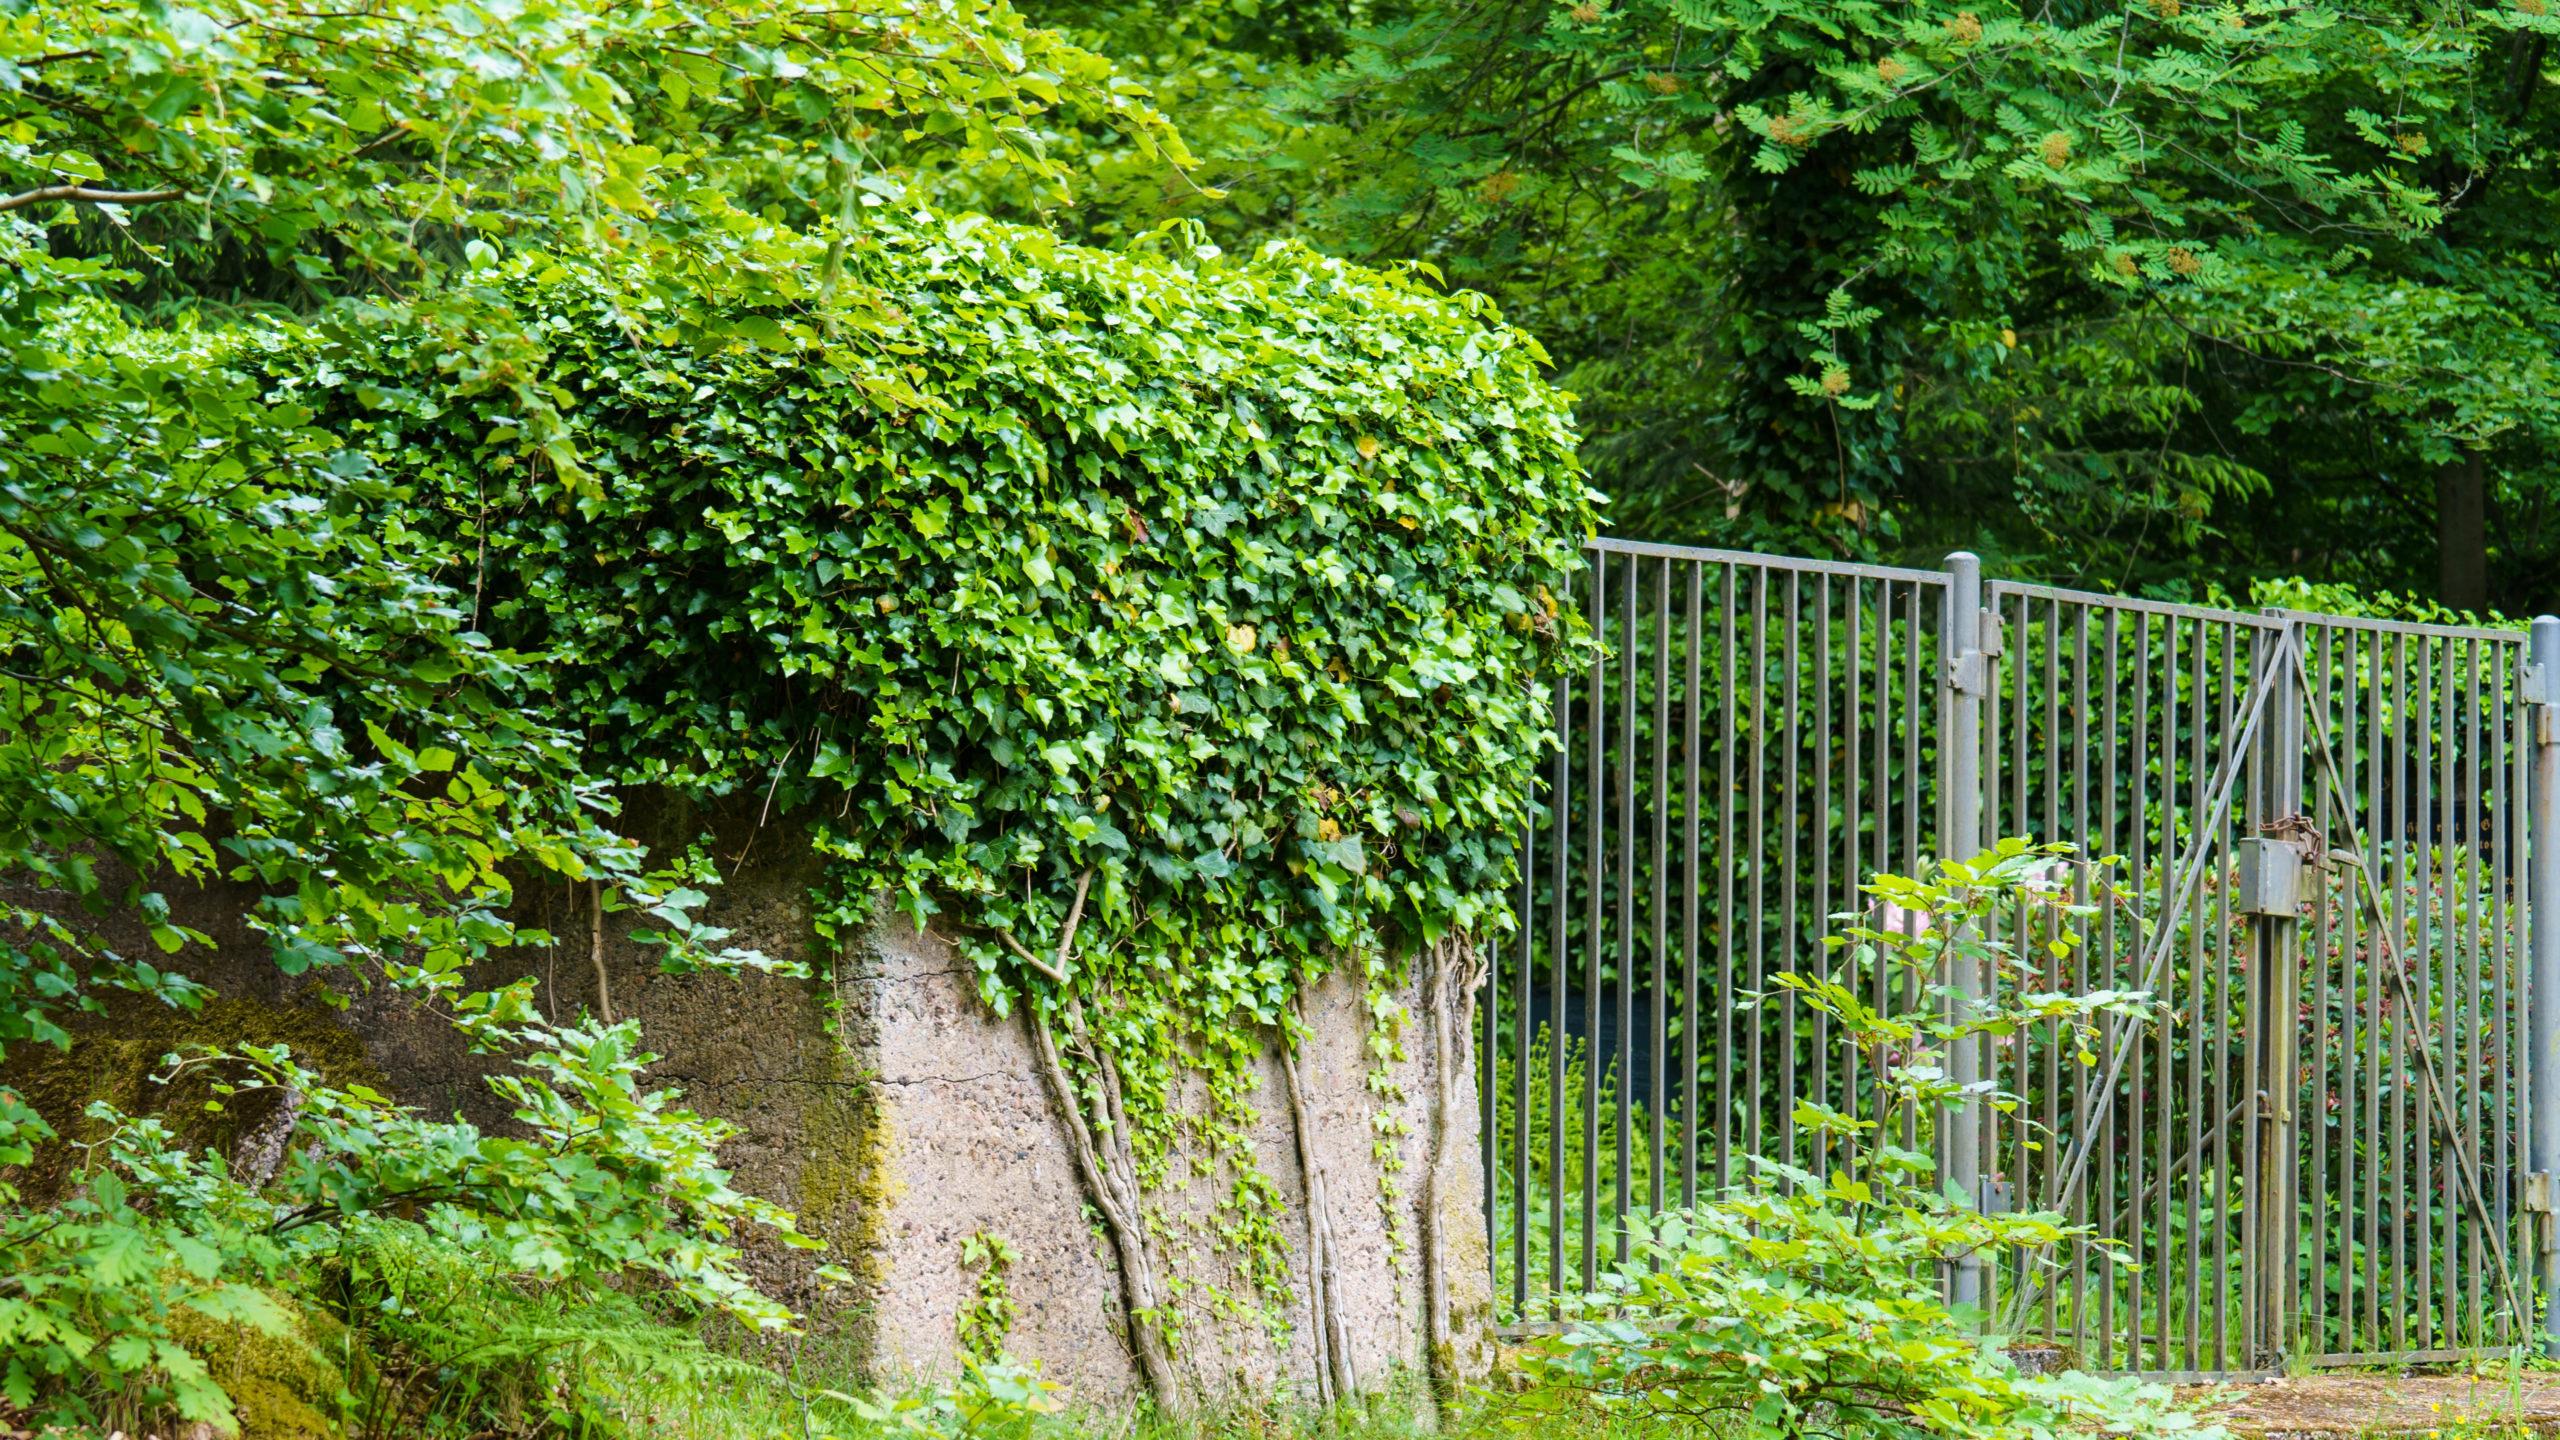 Grenzweg Gerstunger Forst, an der Erbbegräbnis-Stätte nahe Grenzweg